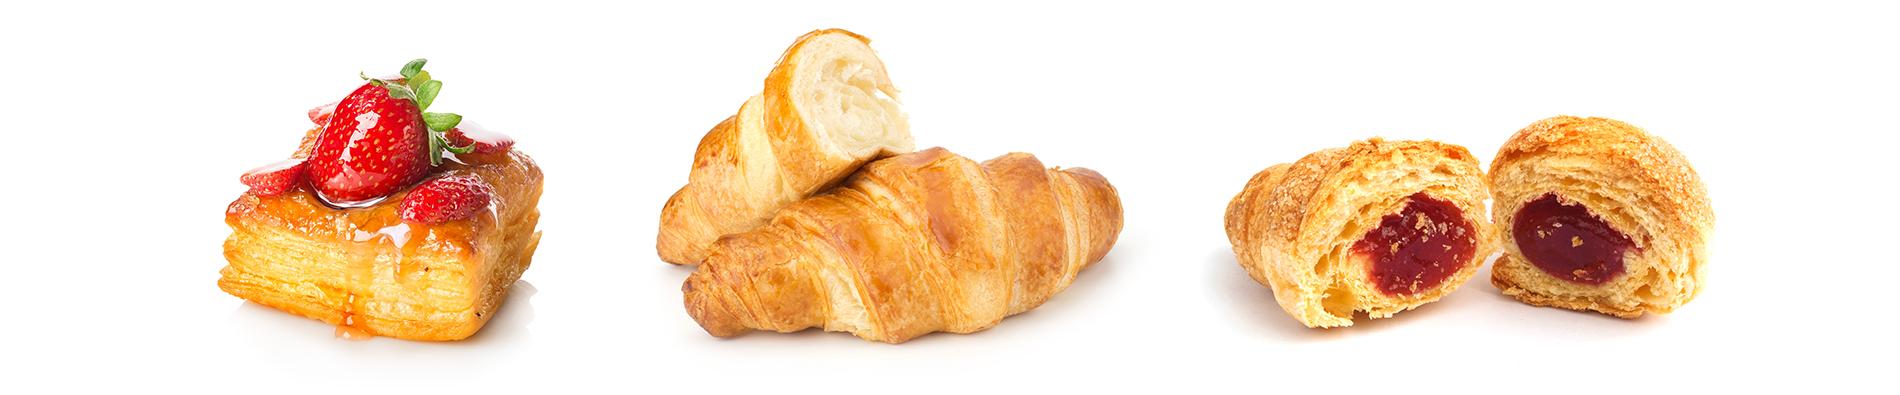 dolcelinea banner surgelato dolce croissant